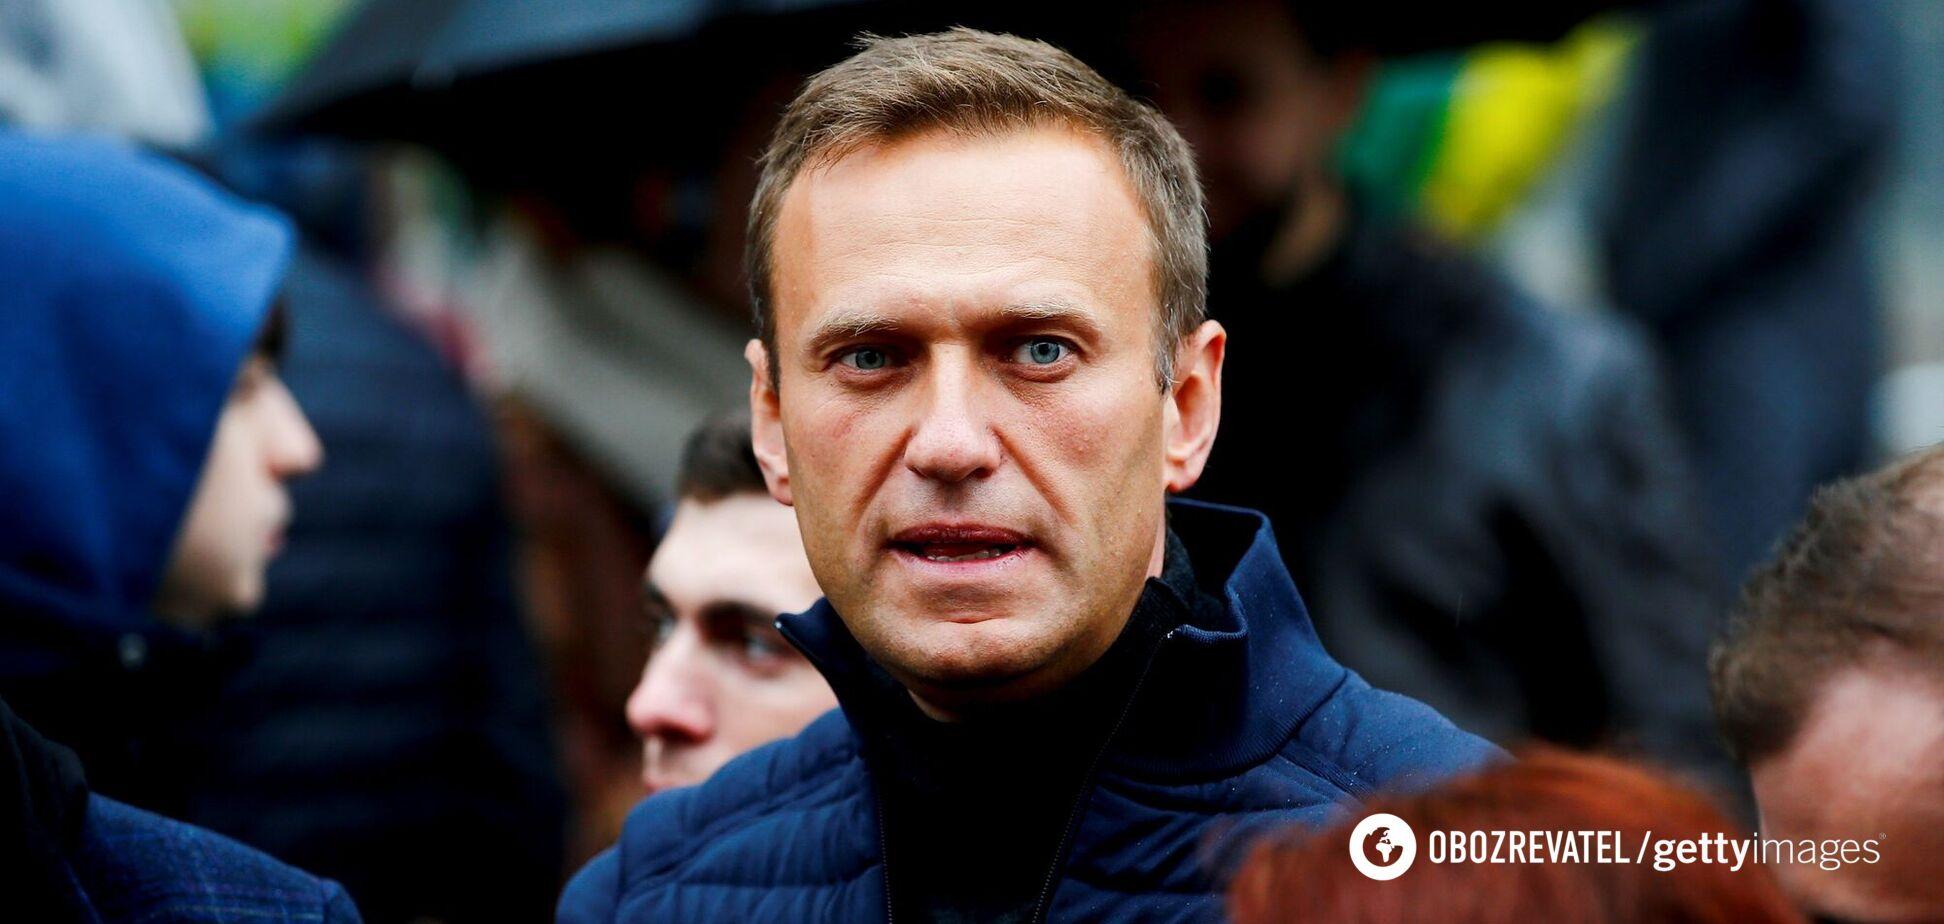 В истории с отравленным Навальным возник довольно пикантный поворот